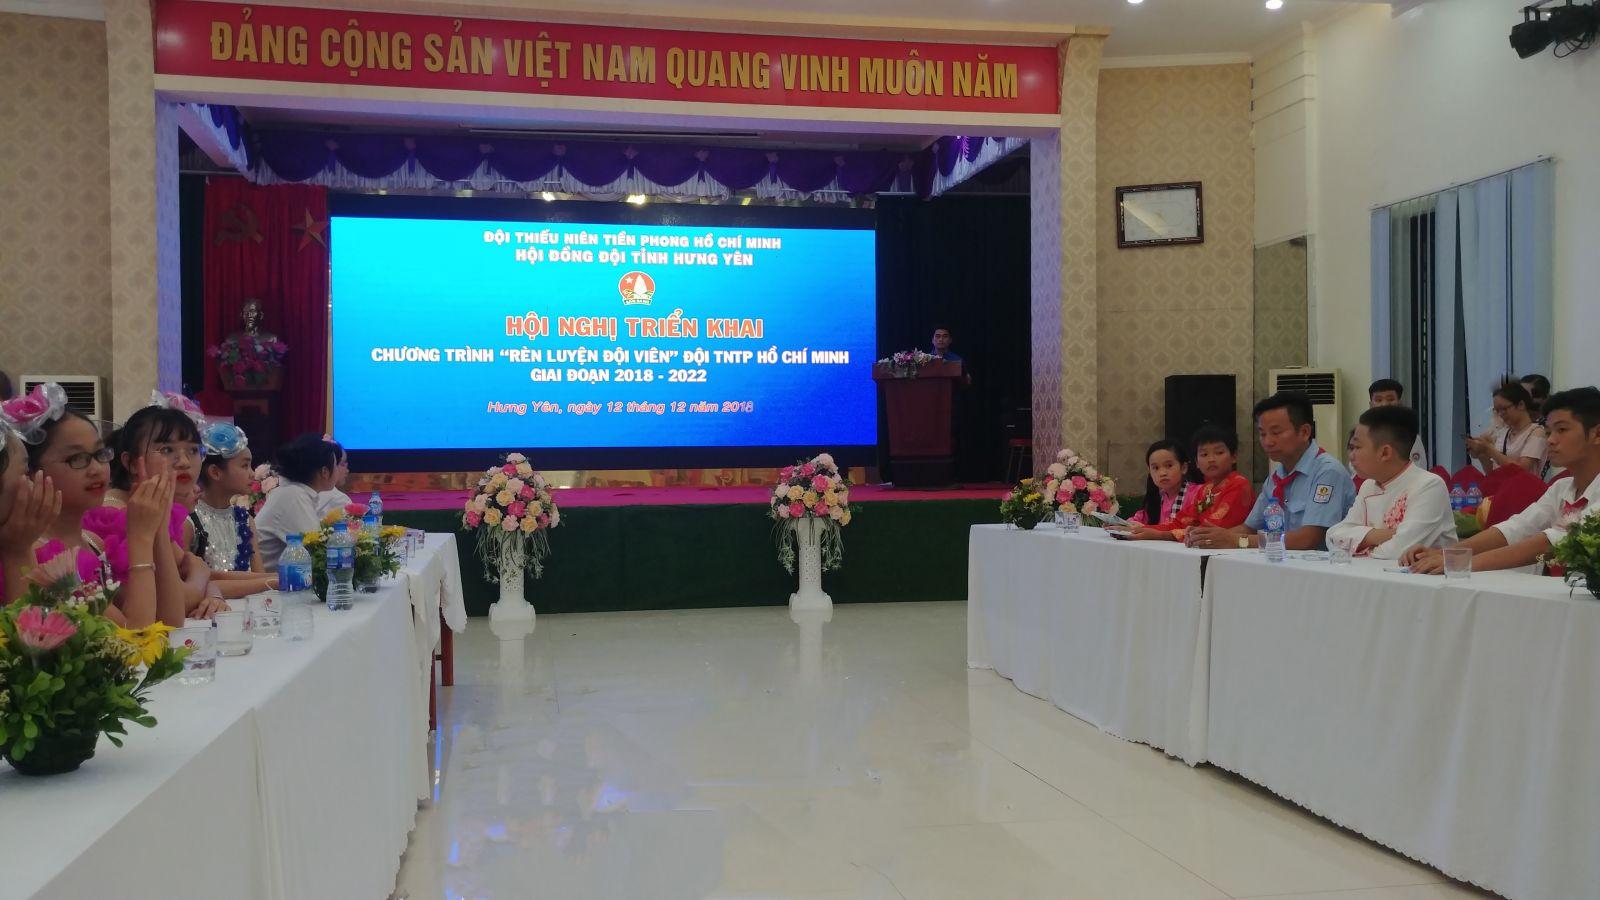 Hội đồng Đội tỉnh Hưng Yên tổ chức Hội nghị triển khai  Chương trình Rèn luyện đội viên giai đoạn 2018 – 2022